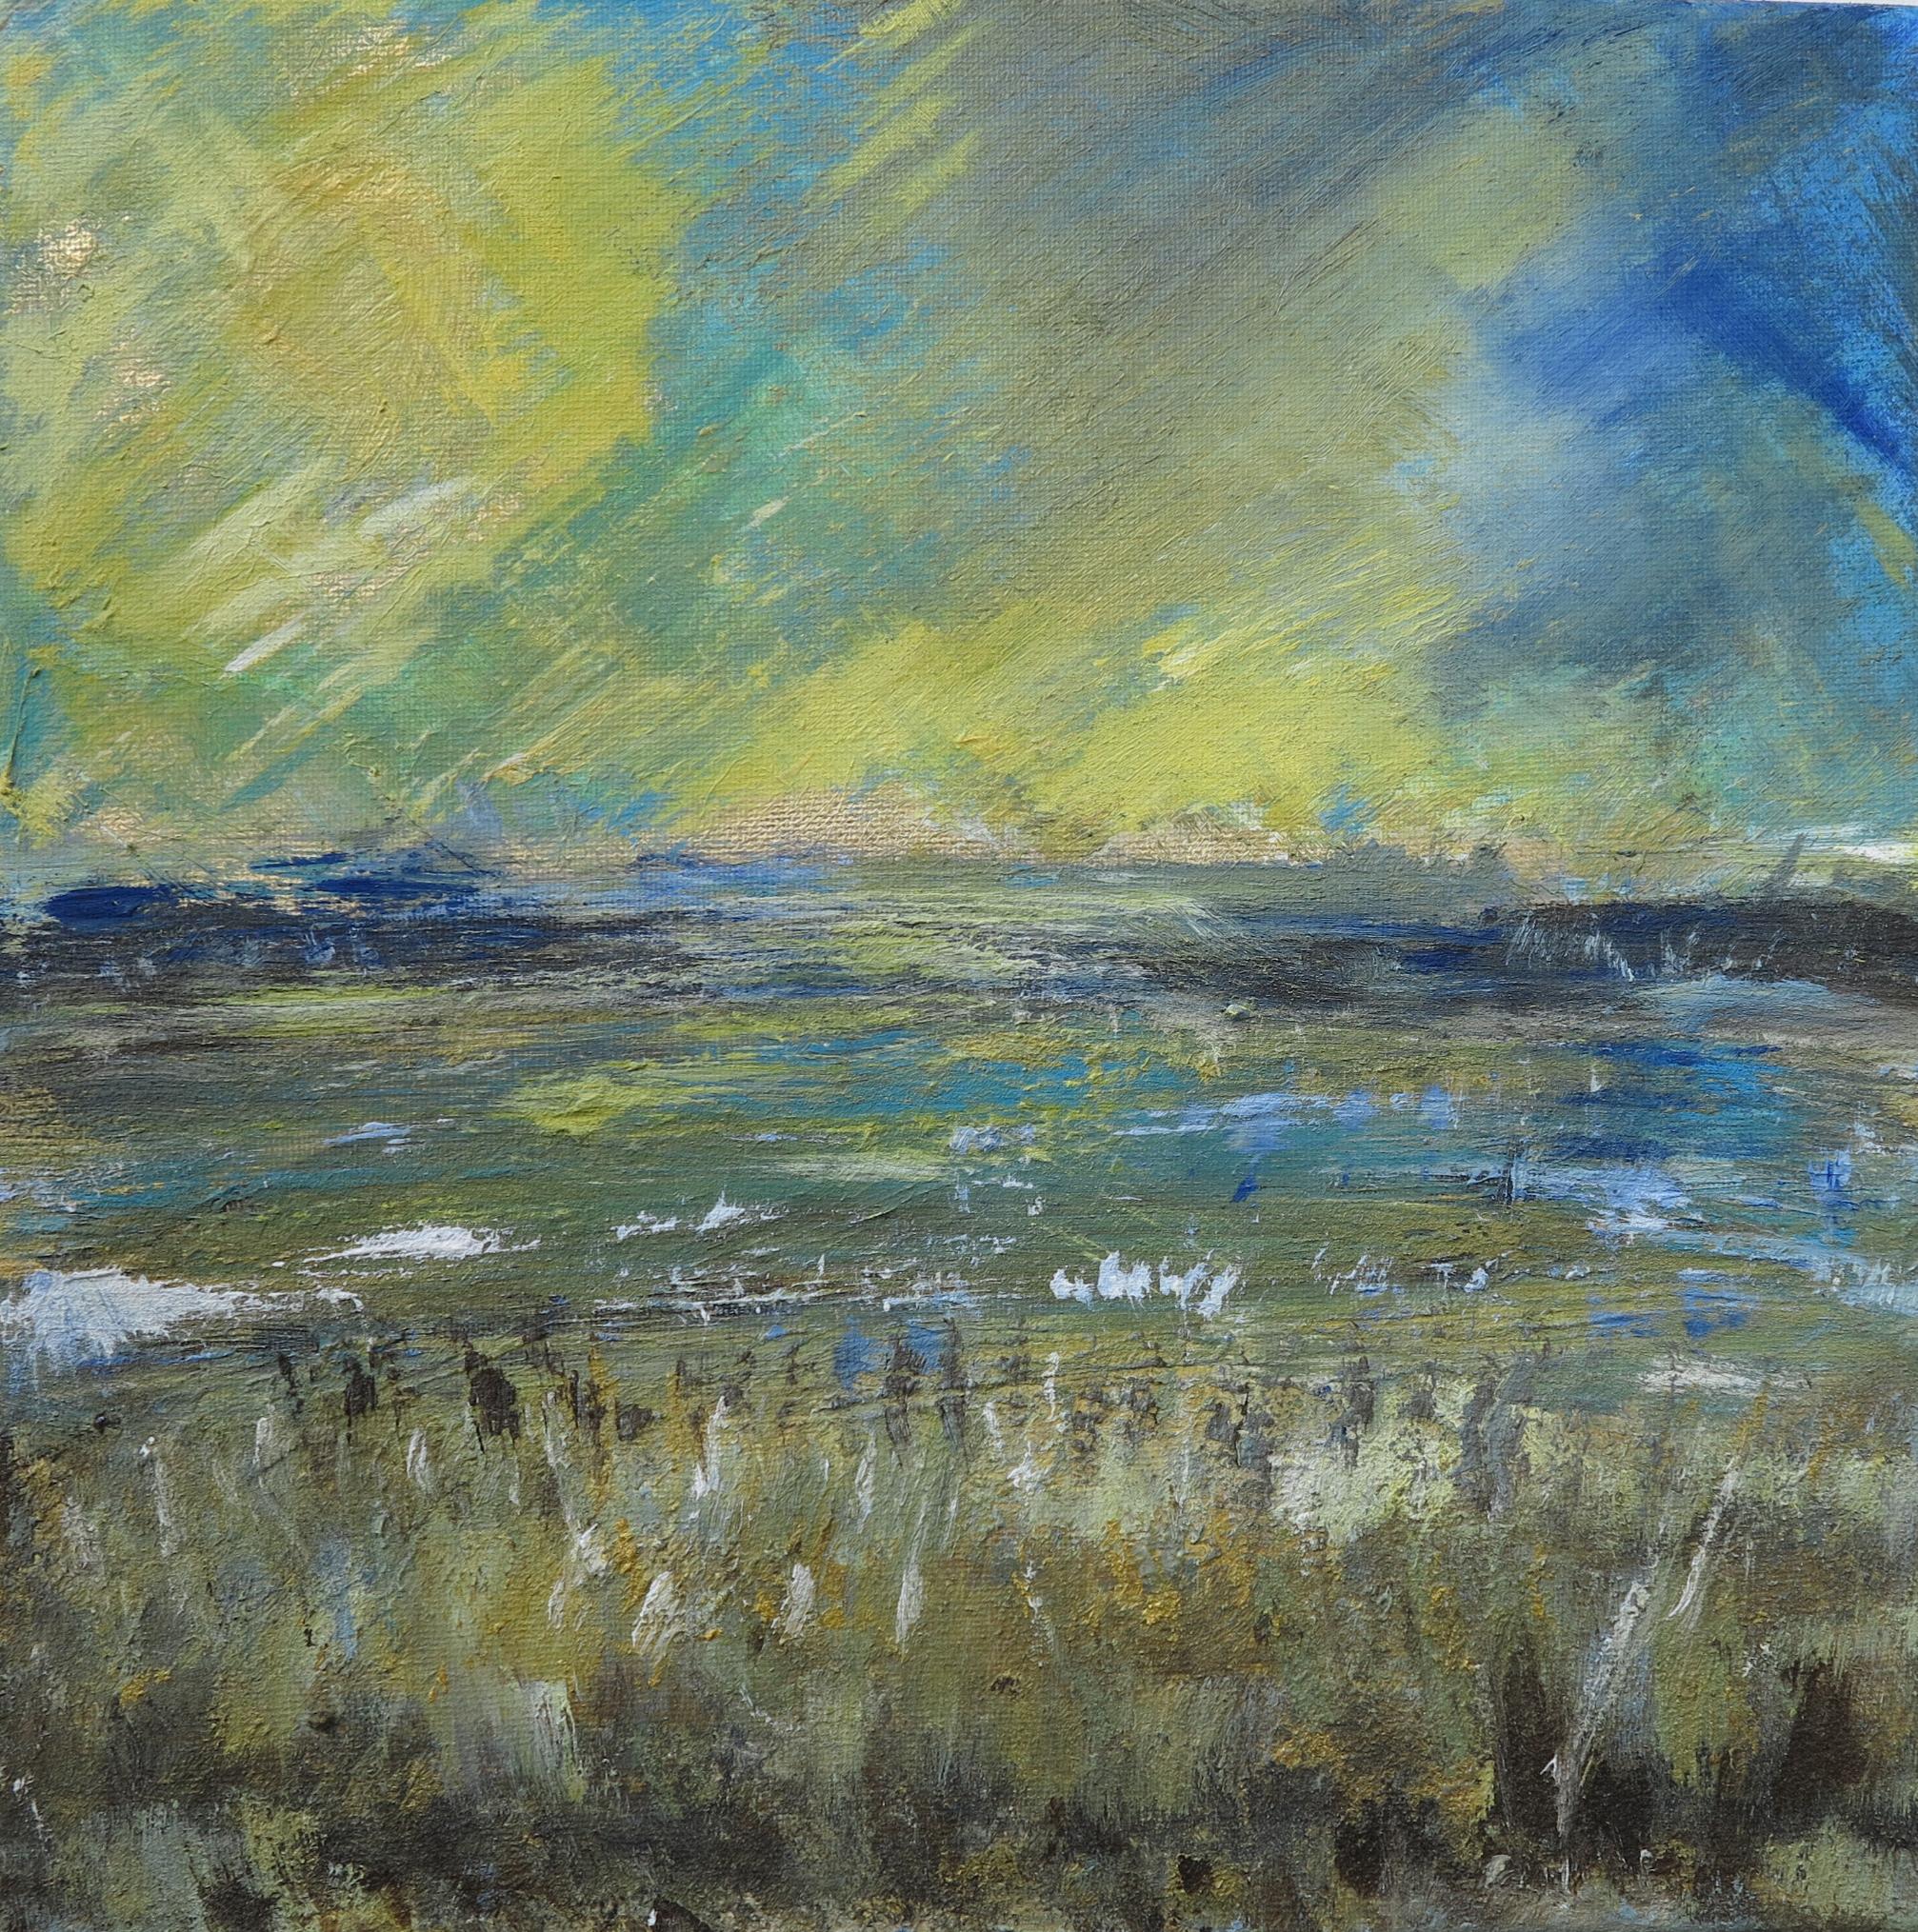 yellow sky over dunes 30 x 30cm-16d93c16